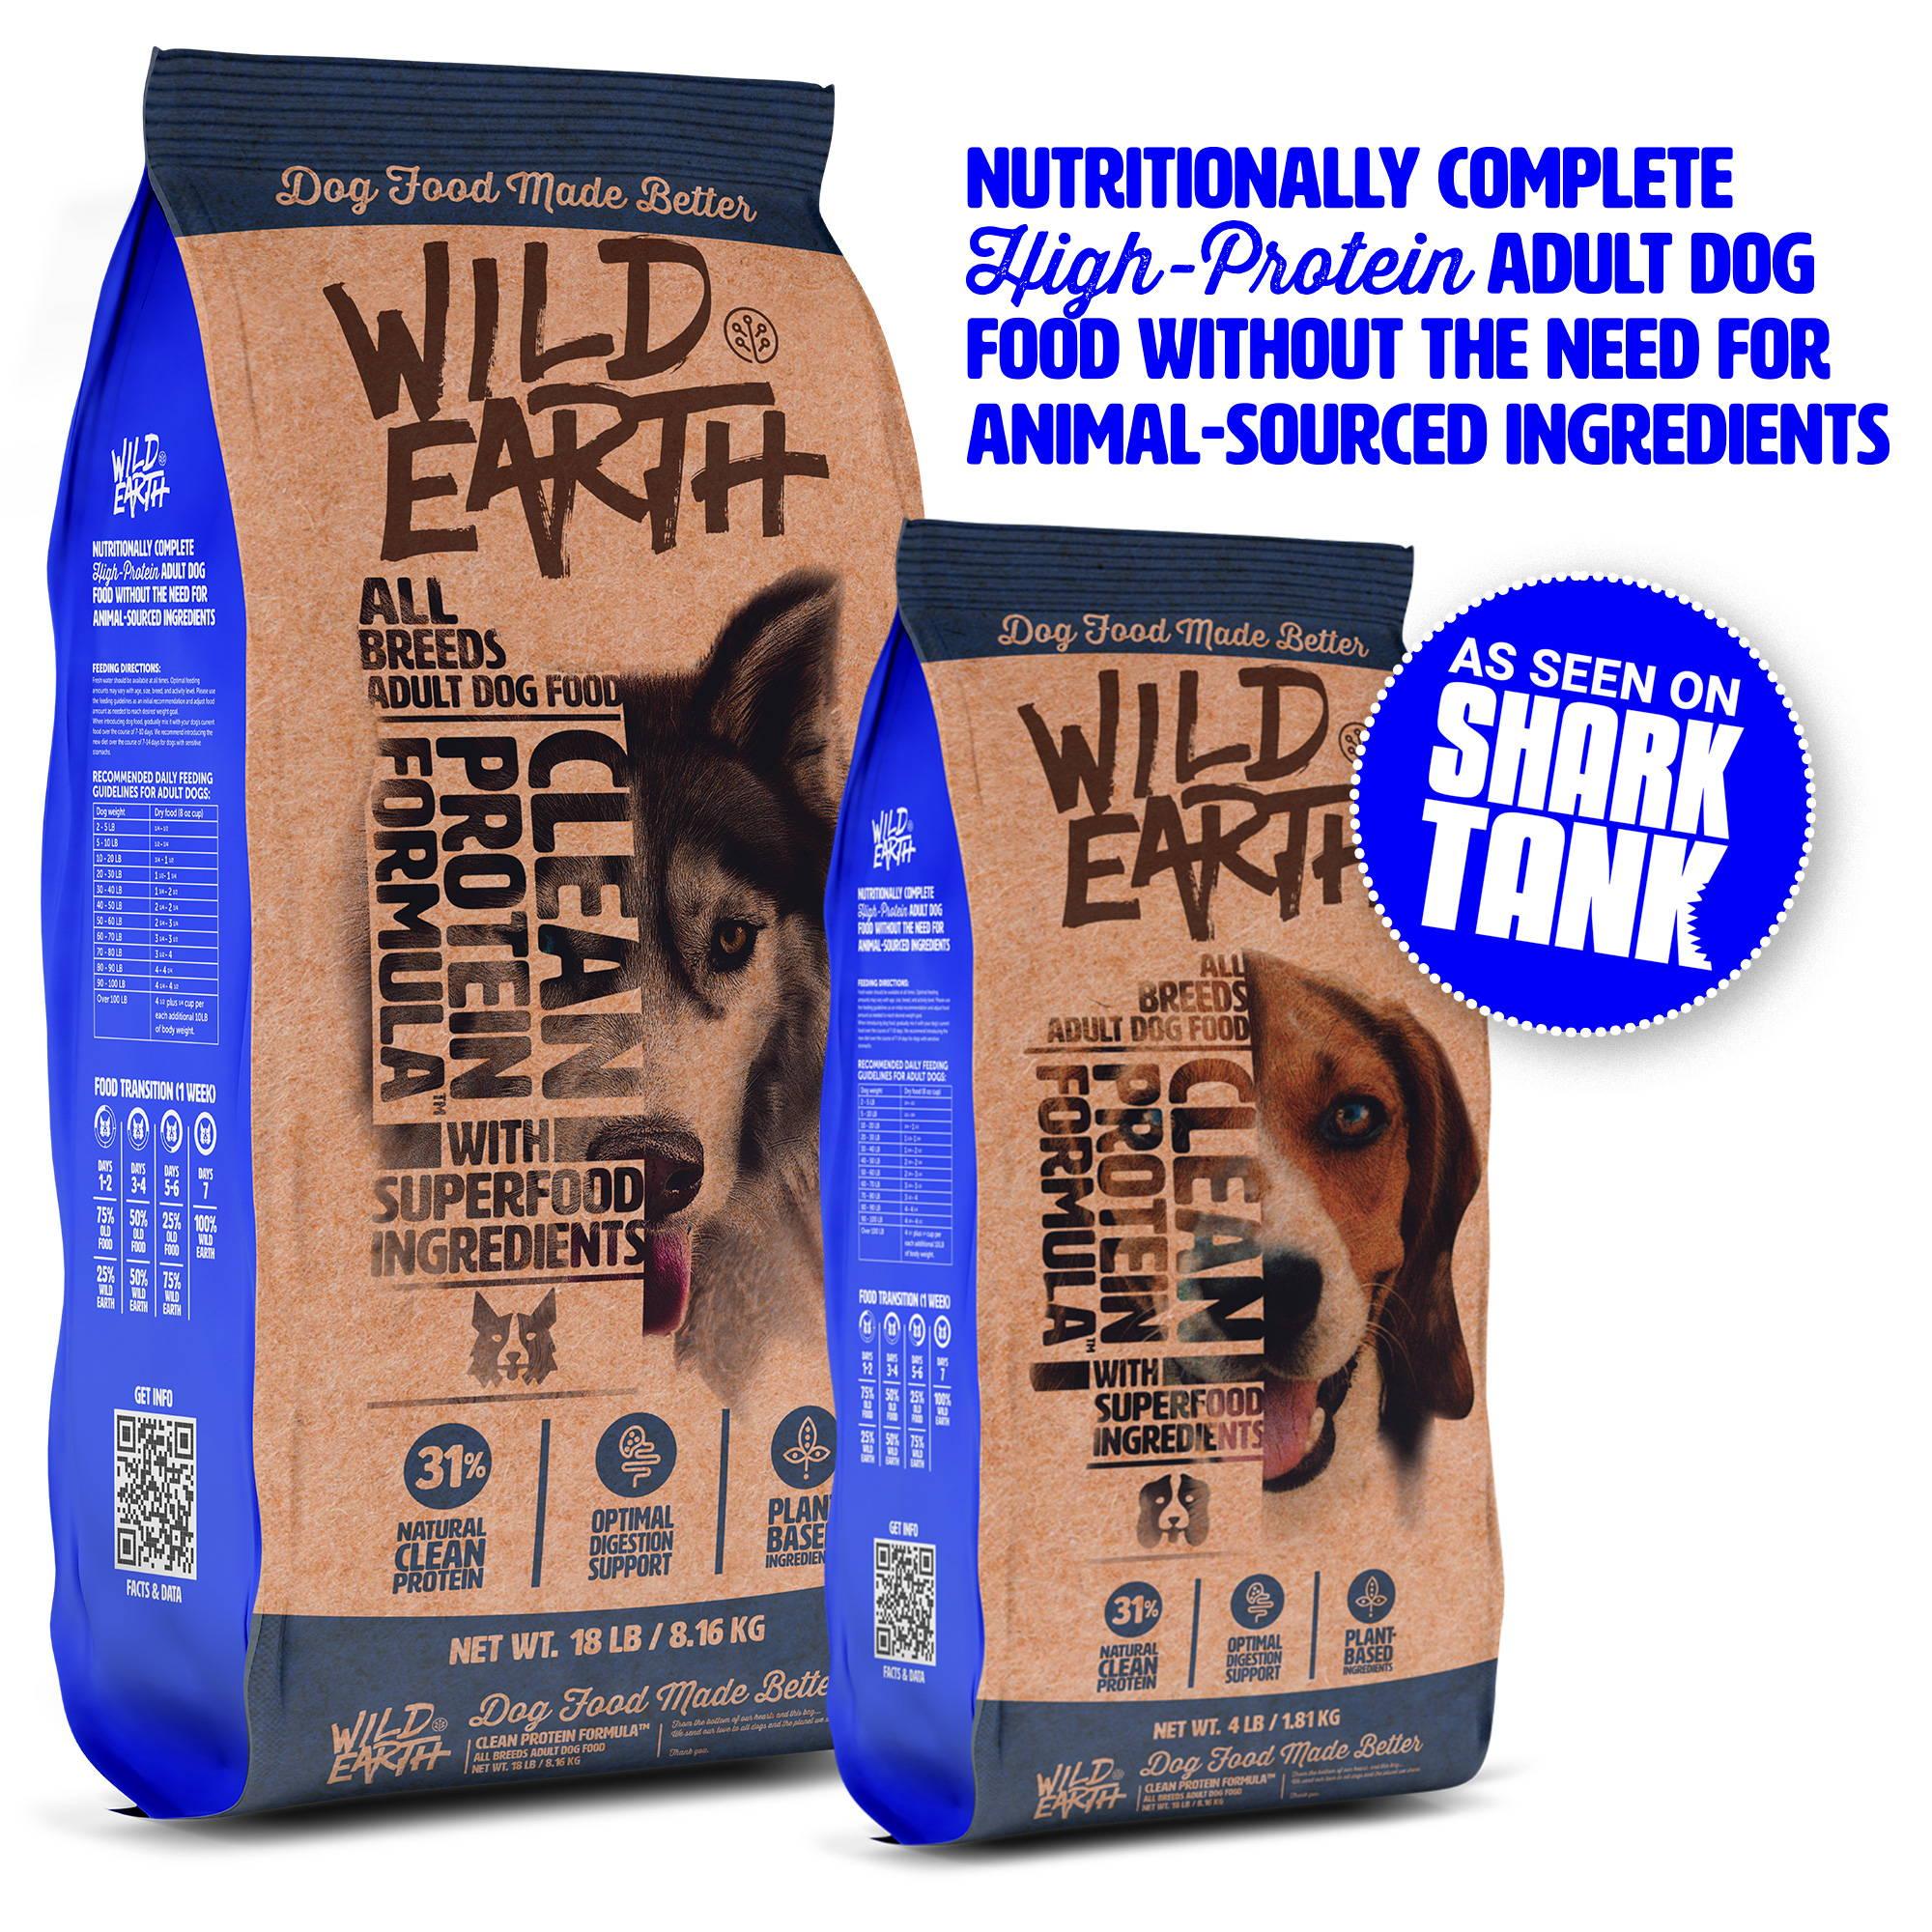 Dog Food - Wild Earth